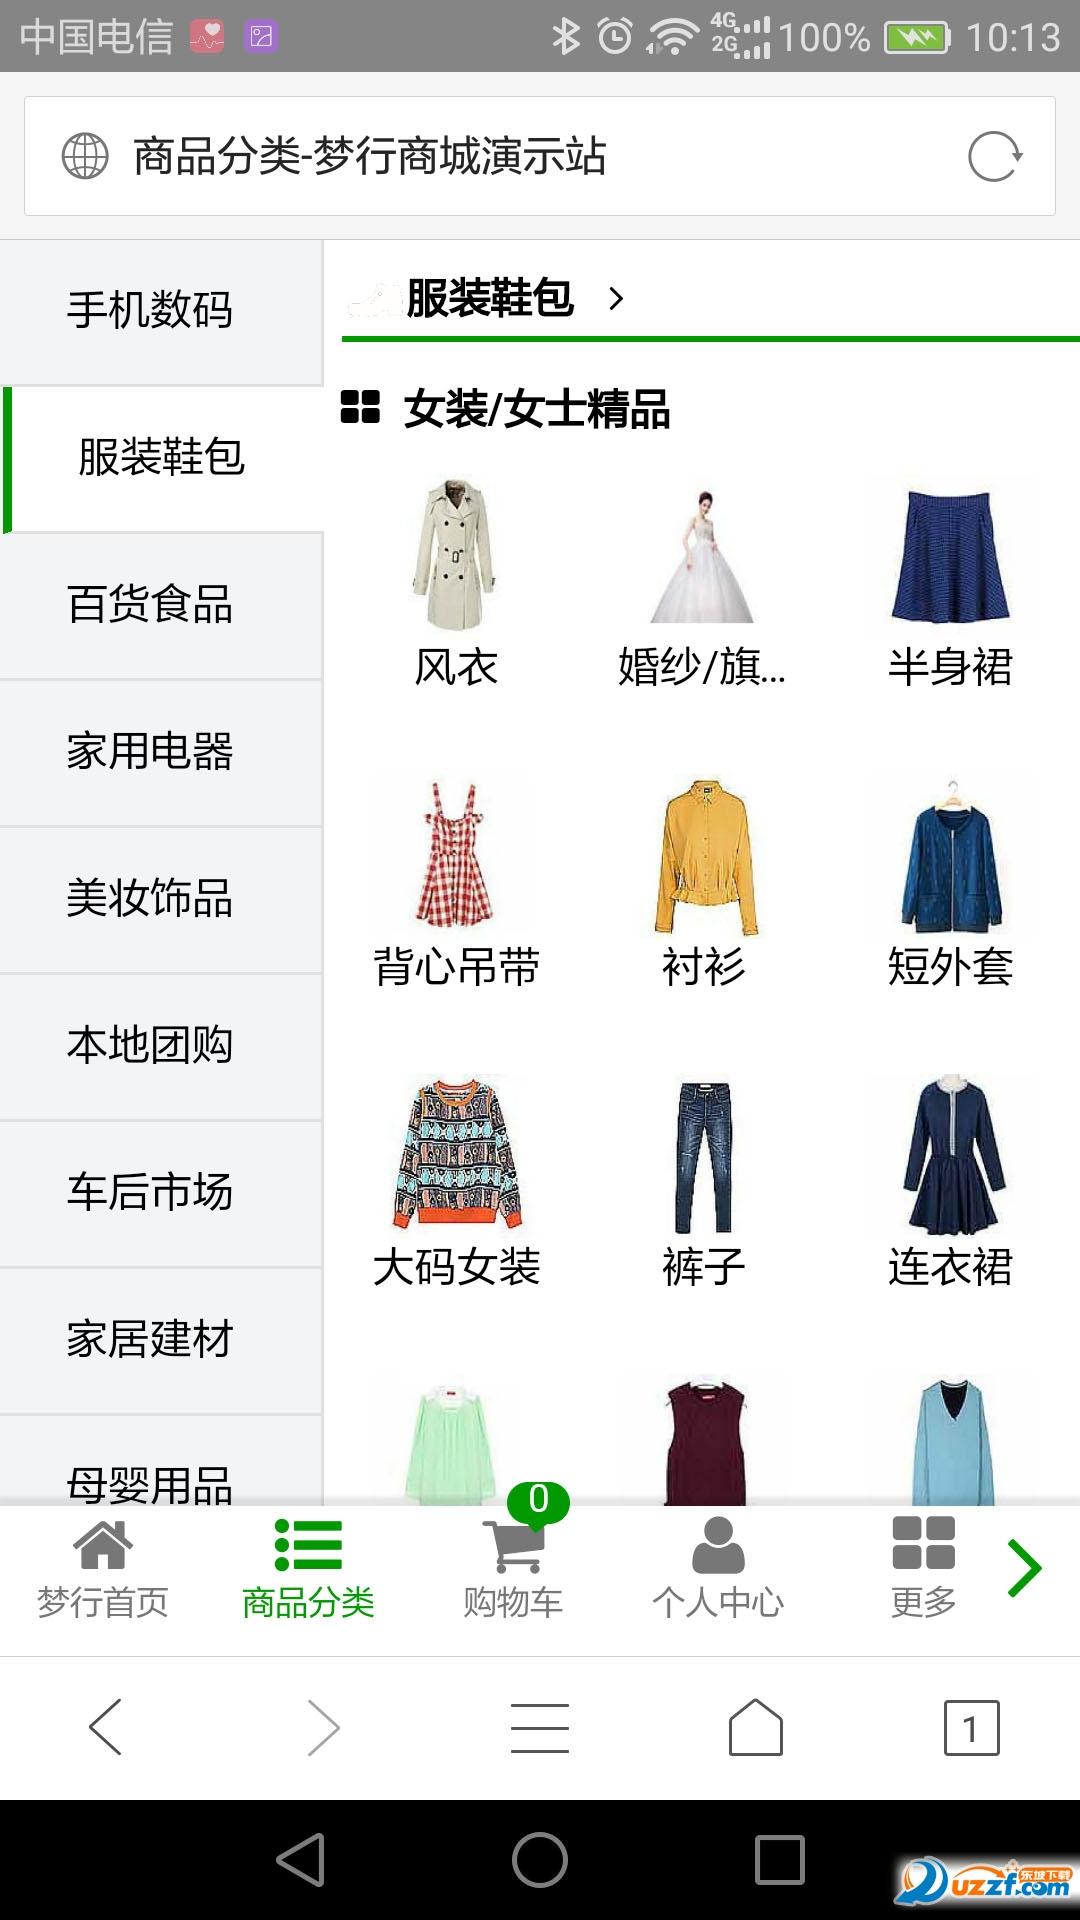 梦行Monxin全网通多商户商城系统截图1